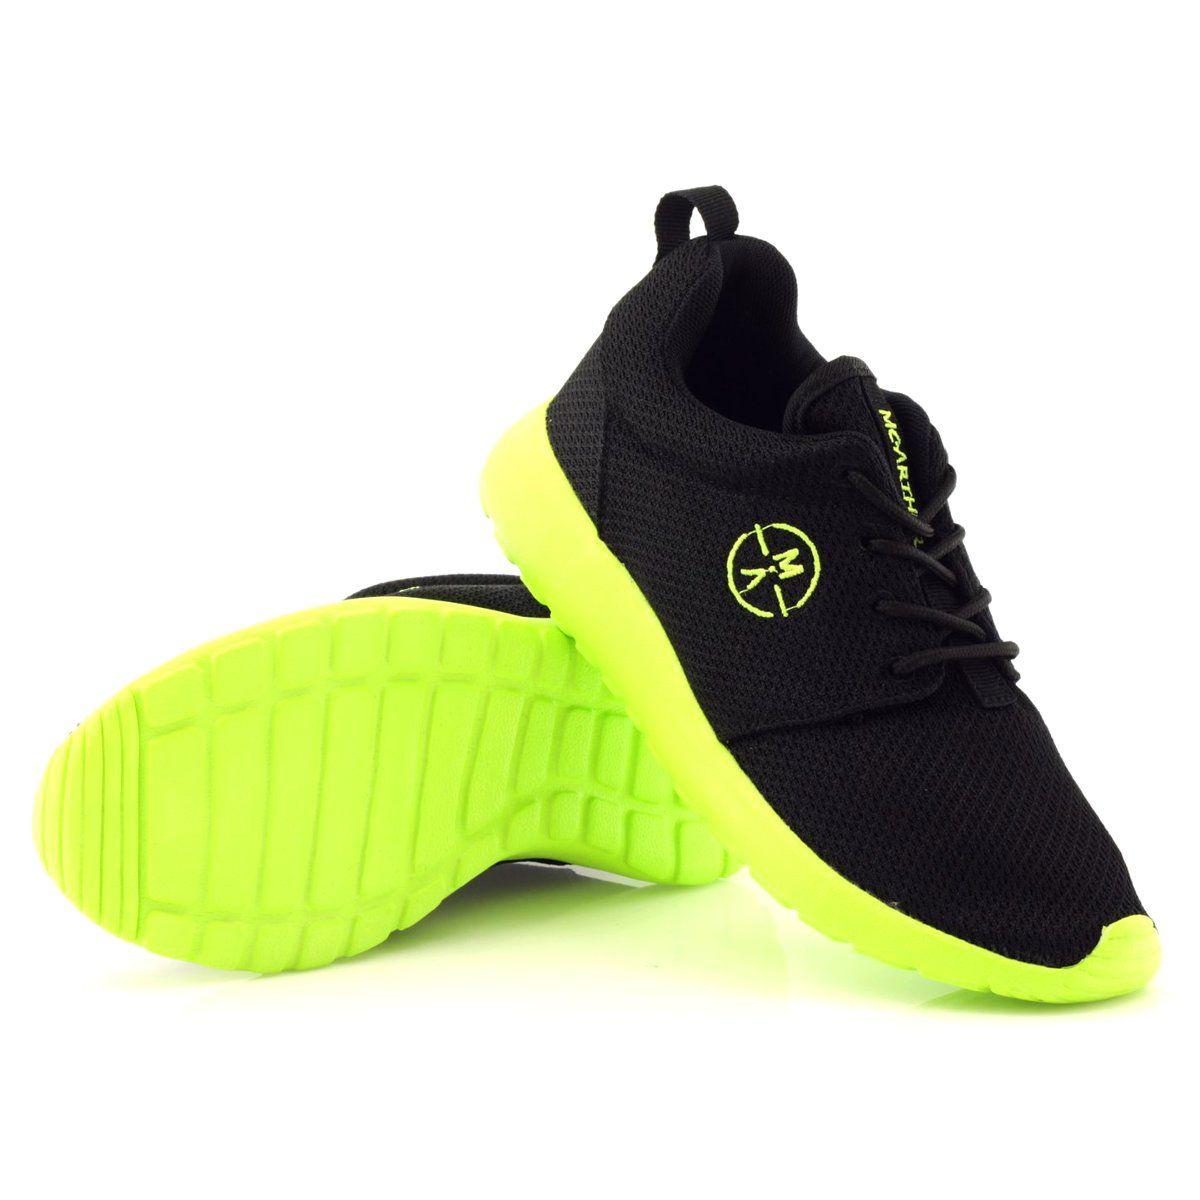 Sportowe Damskie Mcarthur 06 Bk Czarne Zielone